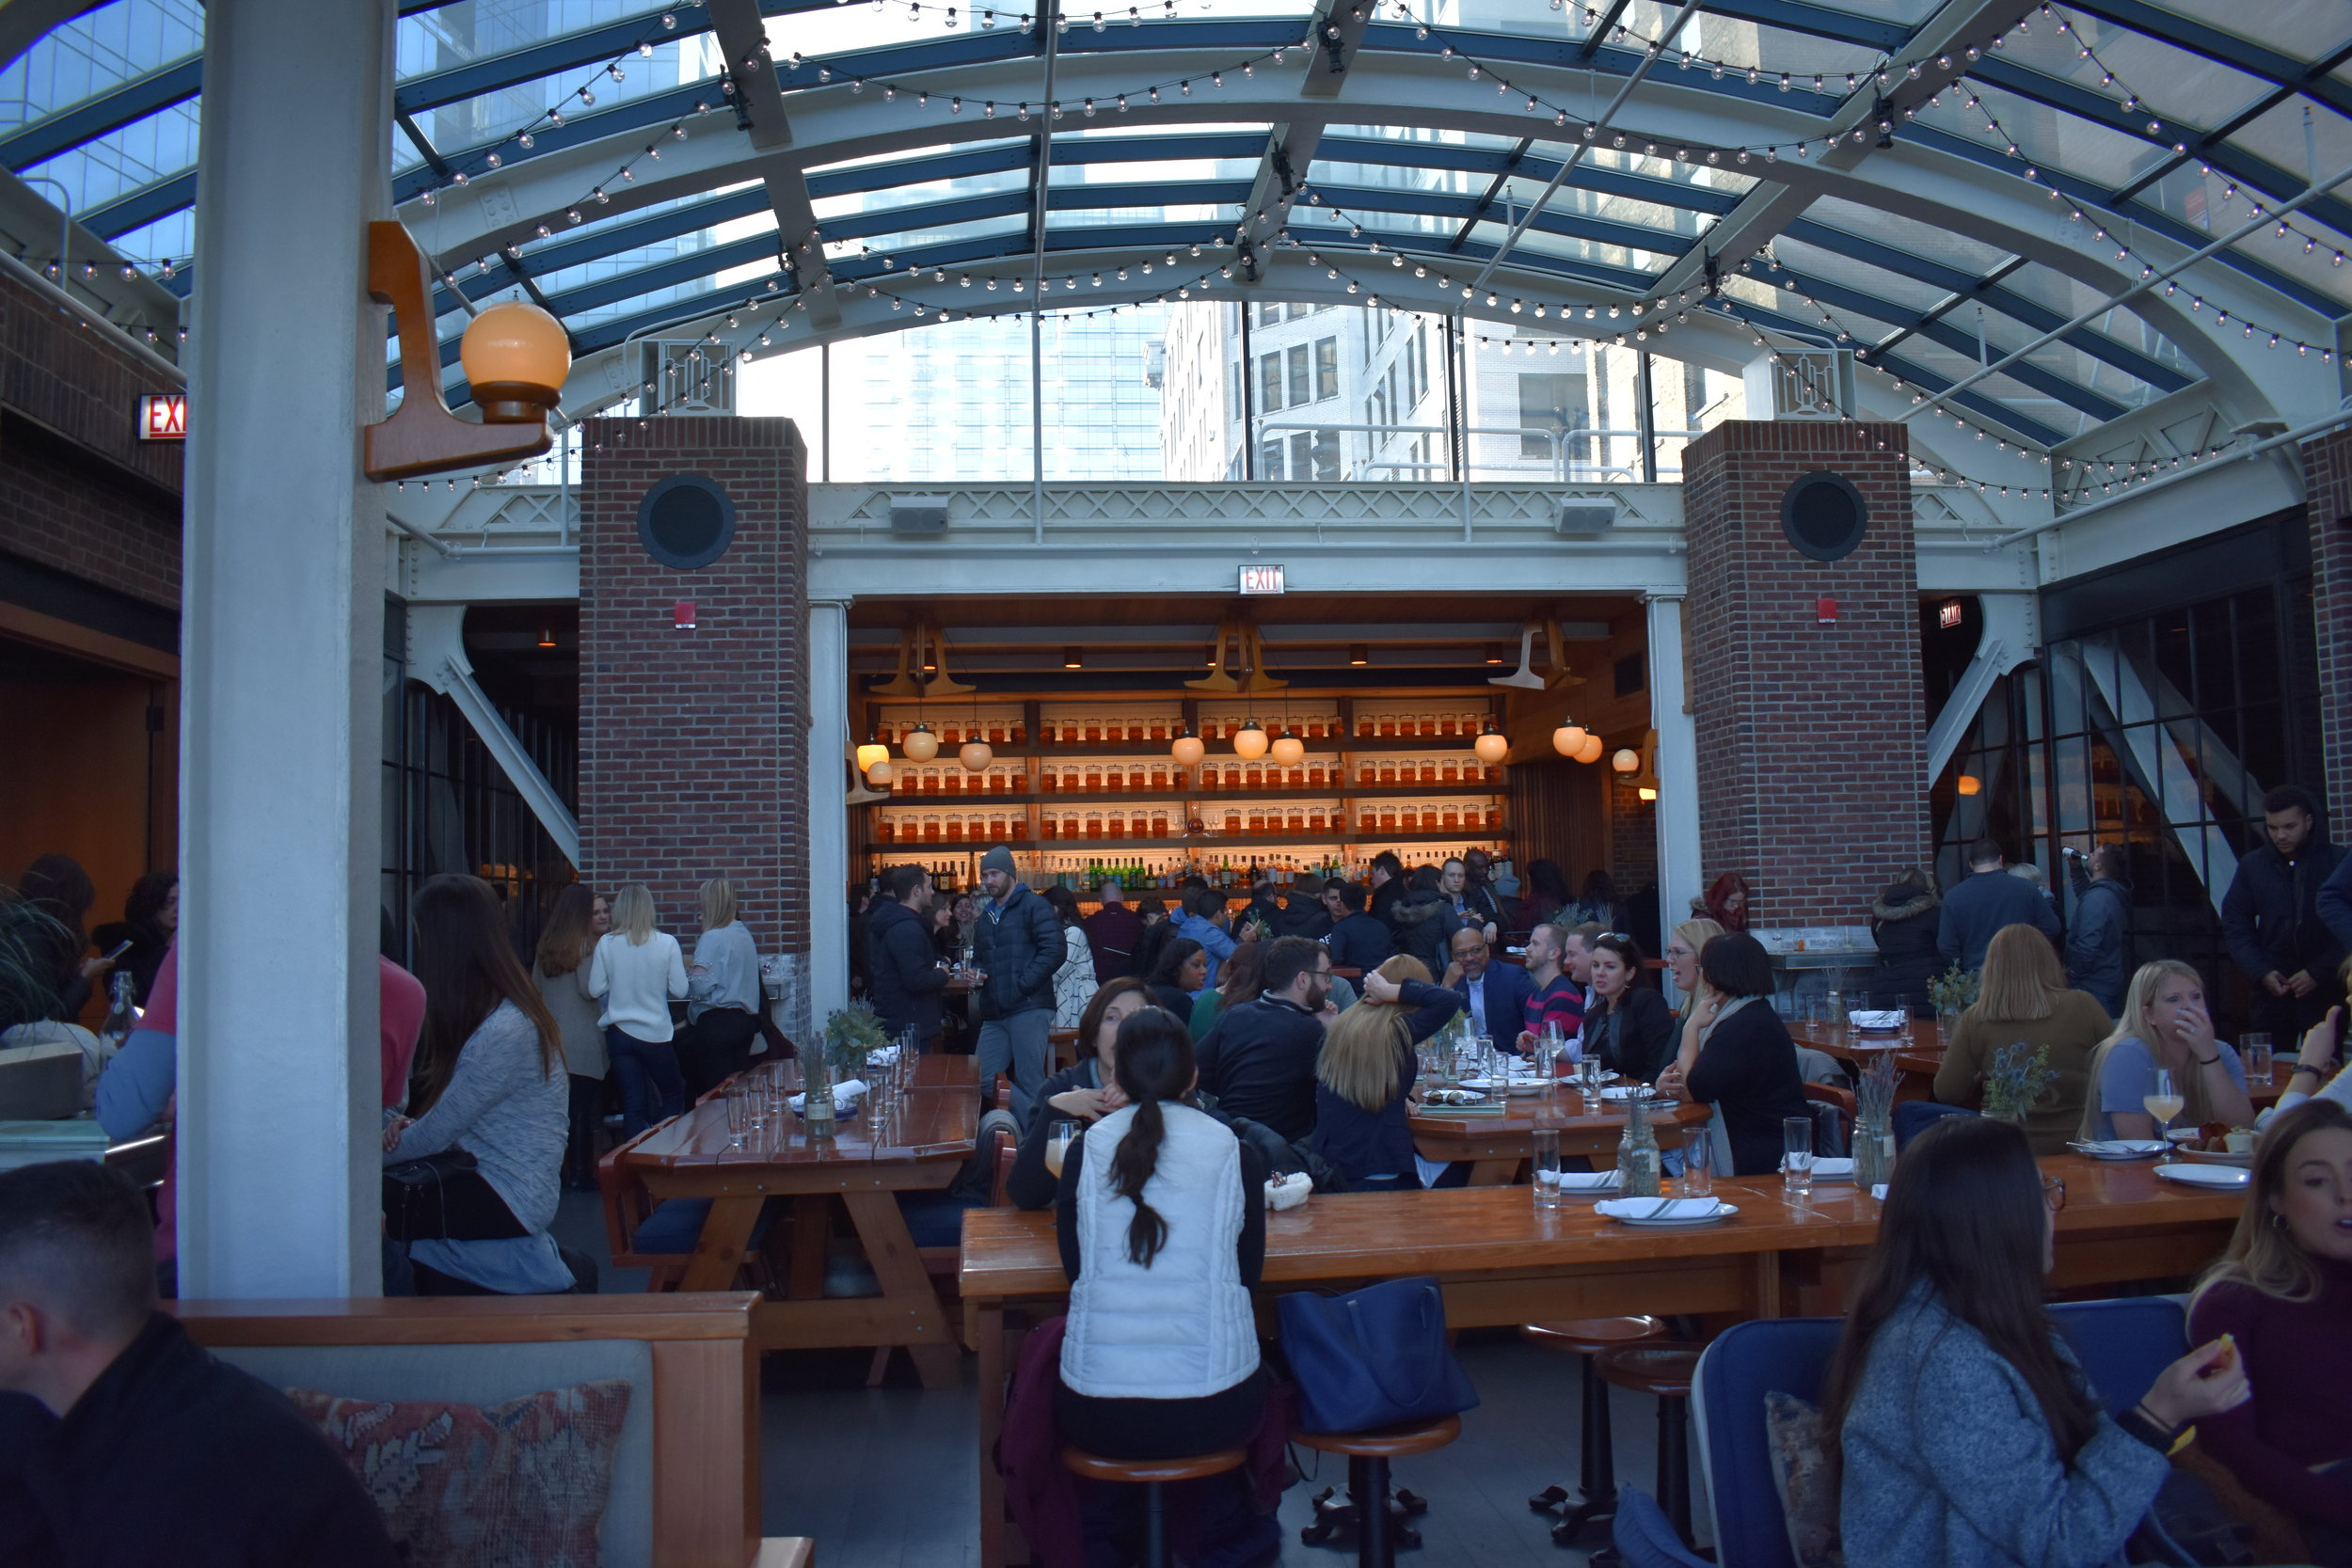 O bar ao fundo e as mesas do restaurante. Na foto você também consegue ver o teto transparente